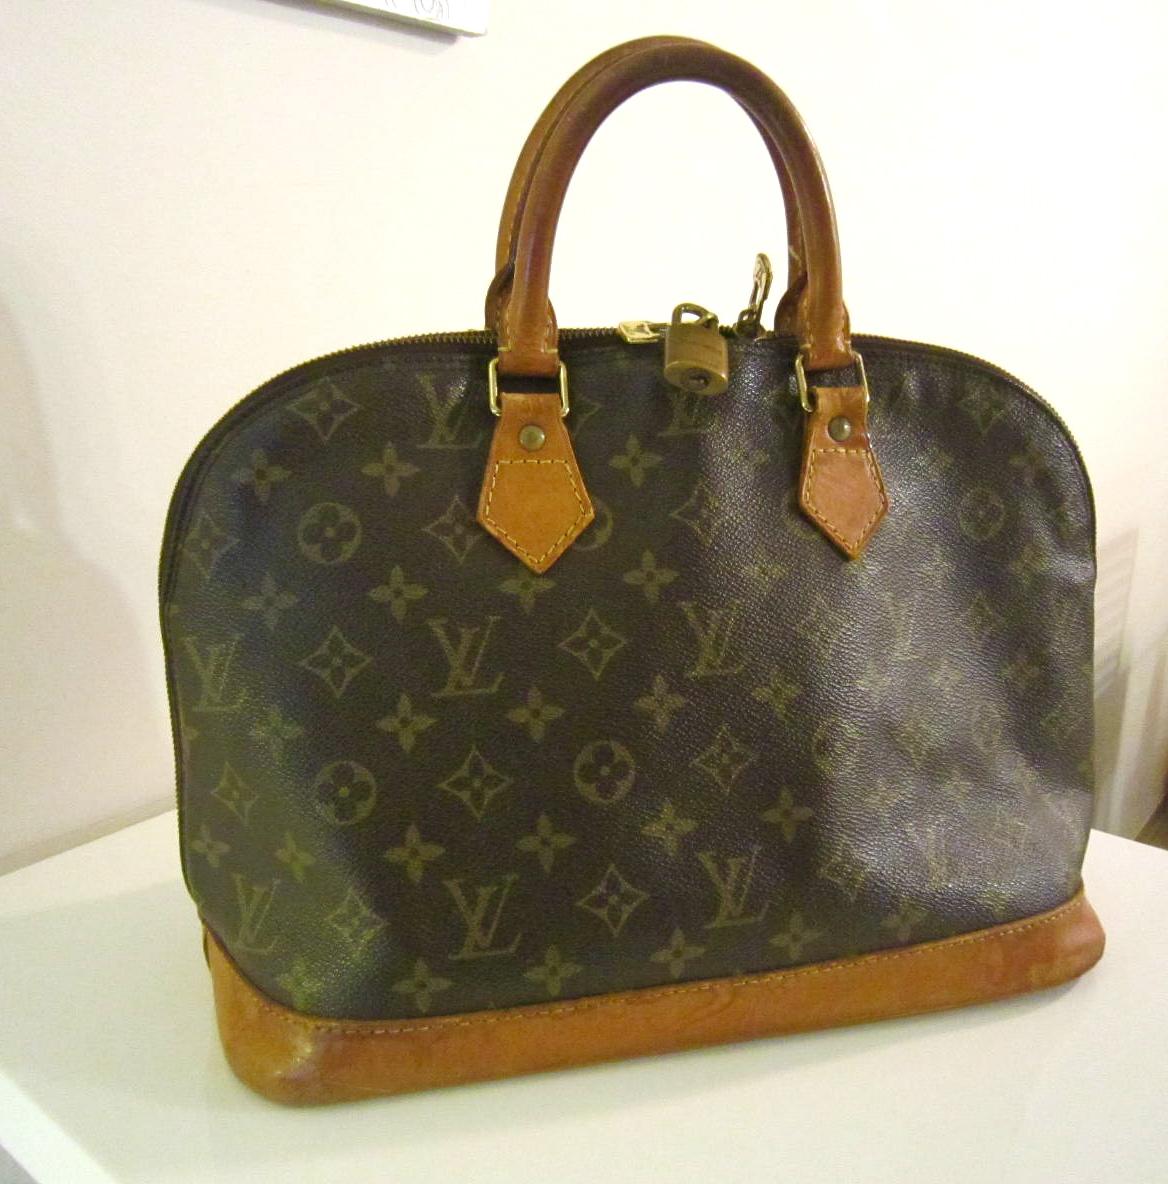 ddf5dc2ad60f Louis Vuitton Vintage Monogram Alma Handbag - Luxurylana Boutique